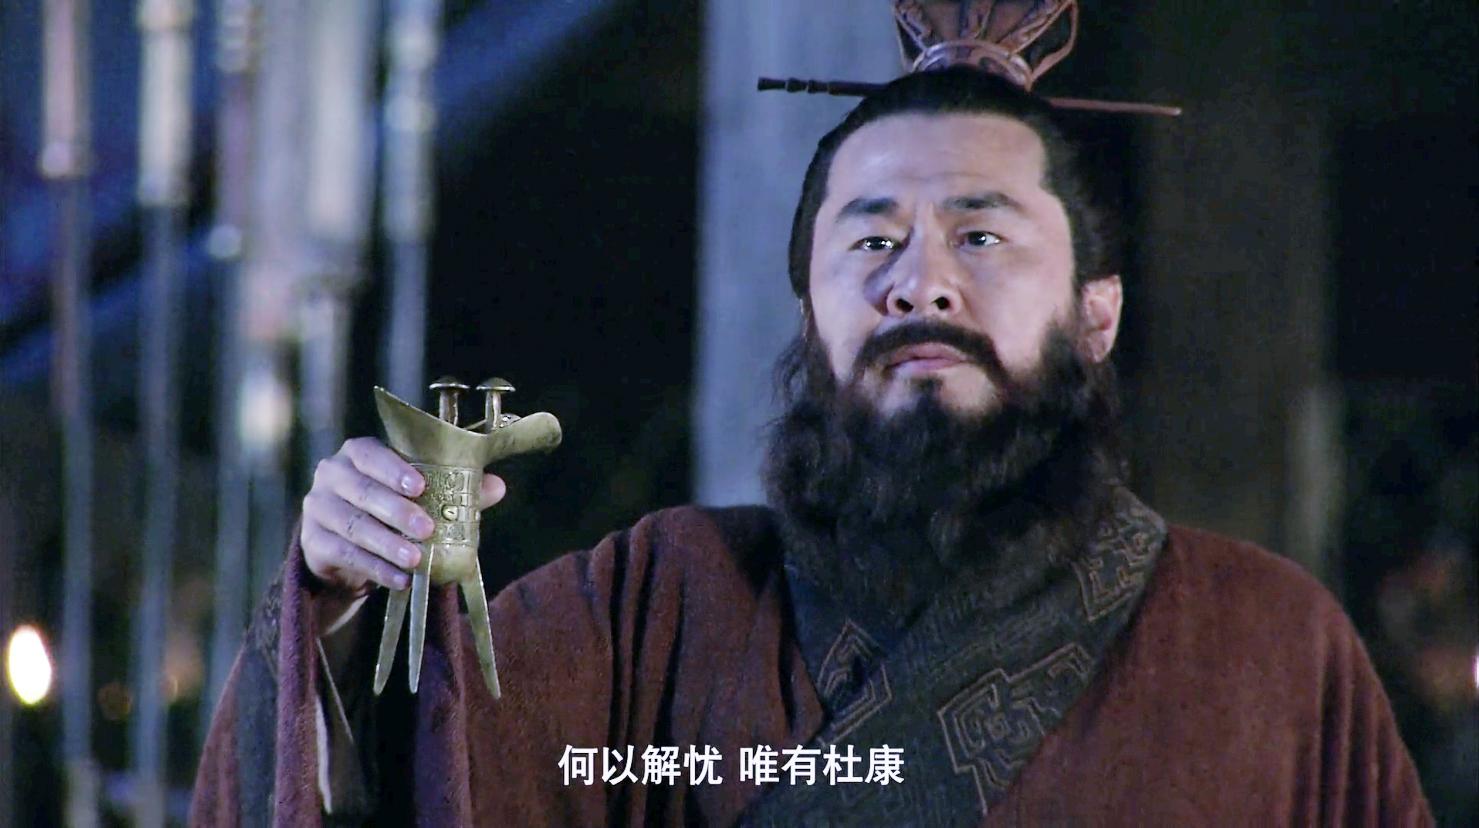 电视剧《新三国》第41集曹操对酒当歌剧照